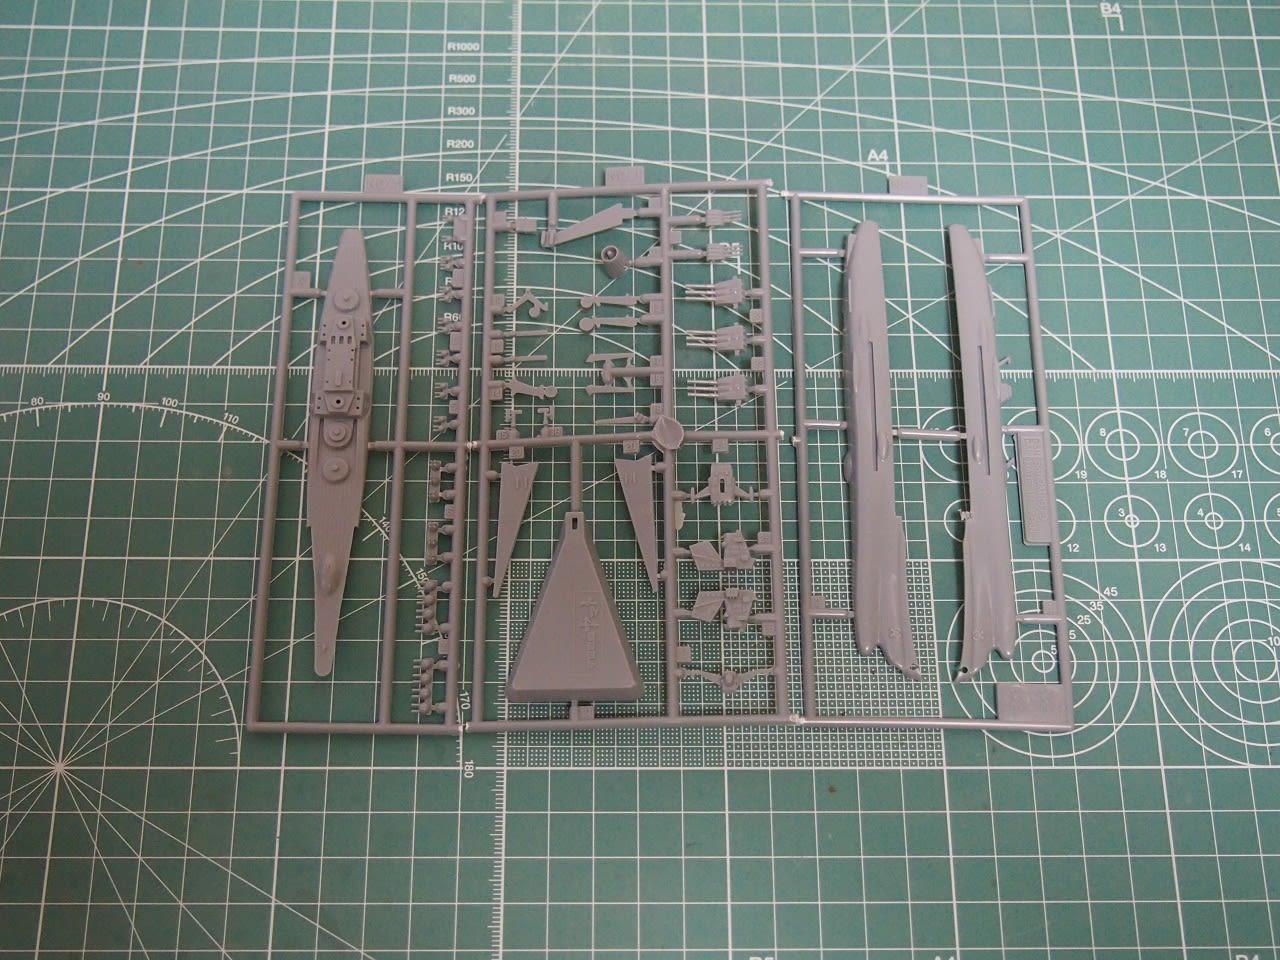 新旧のランナーを比較してみました。 二枚の画像はほぼ同縮尺で撮っていま... メカコレ 宇宙戦艦